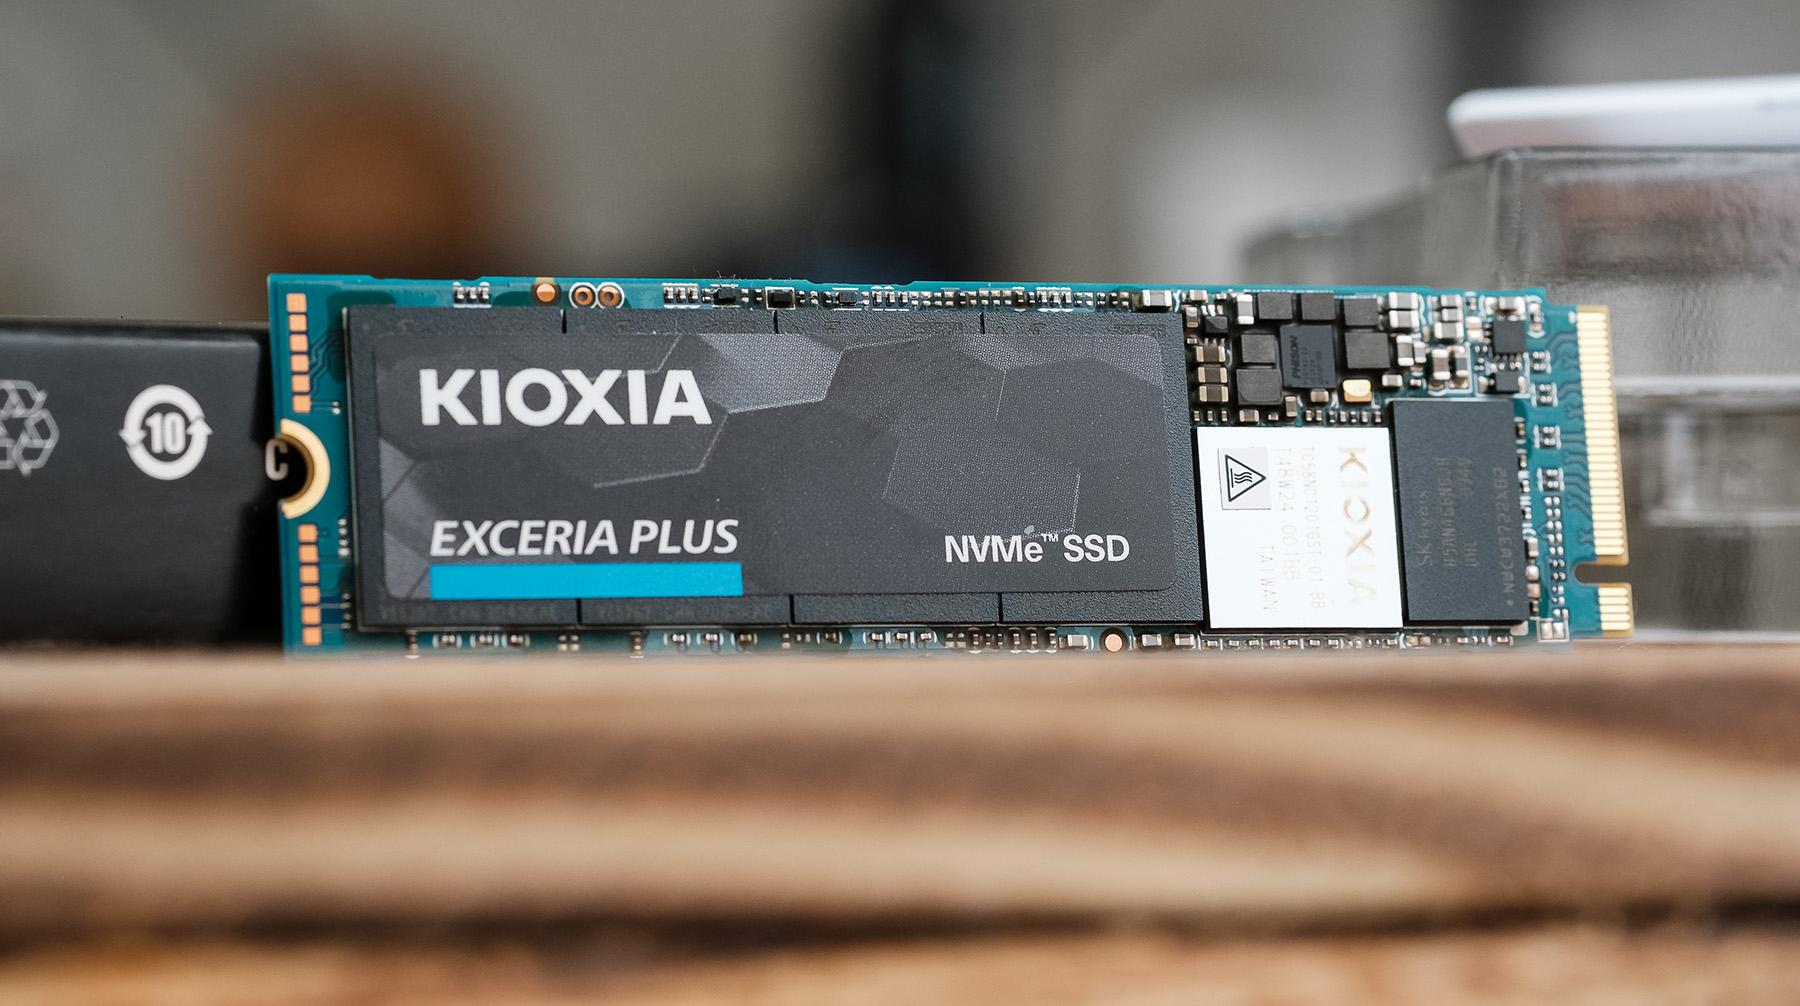 Kioxia EXCERIA PLUS